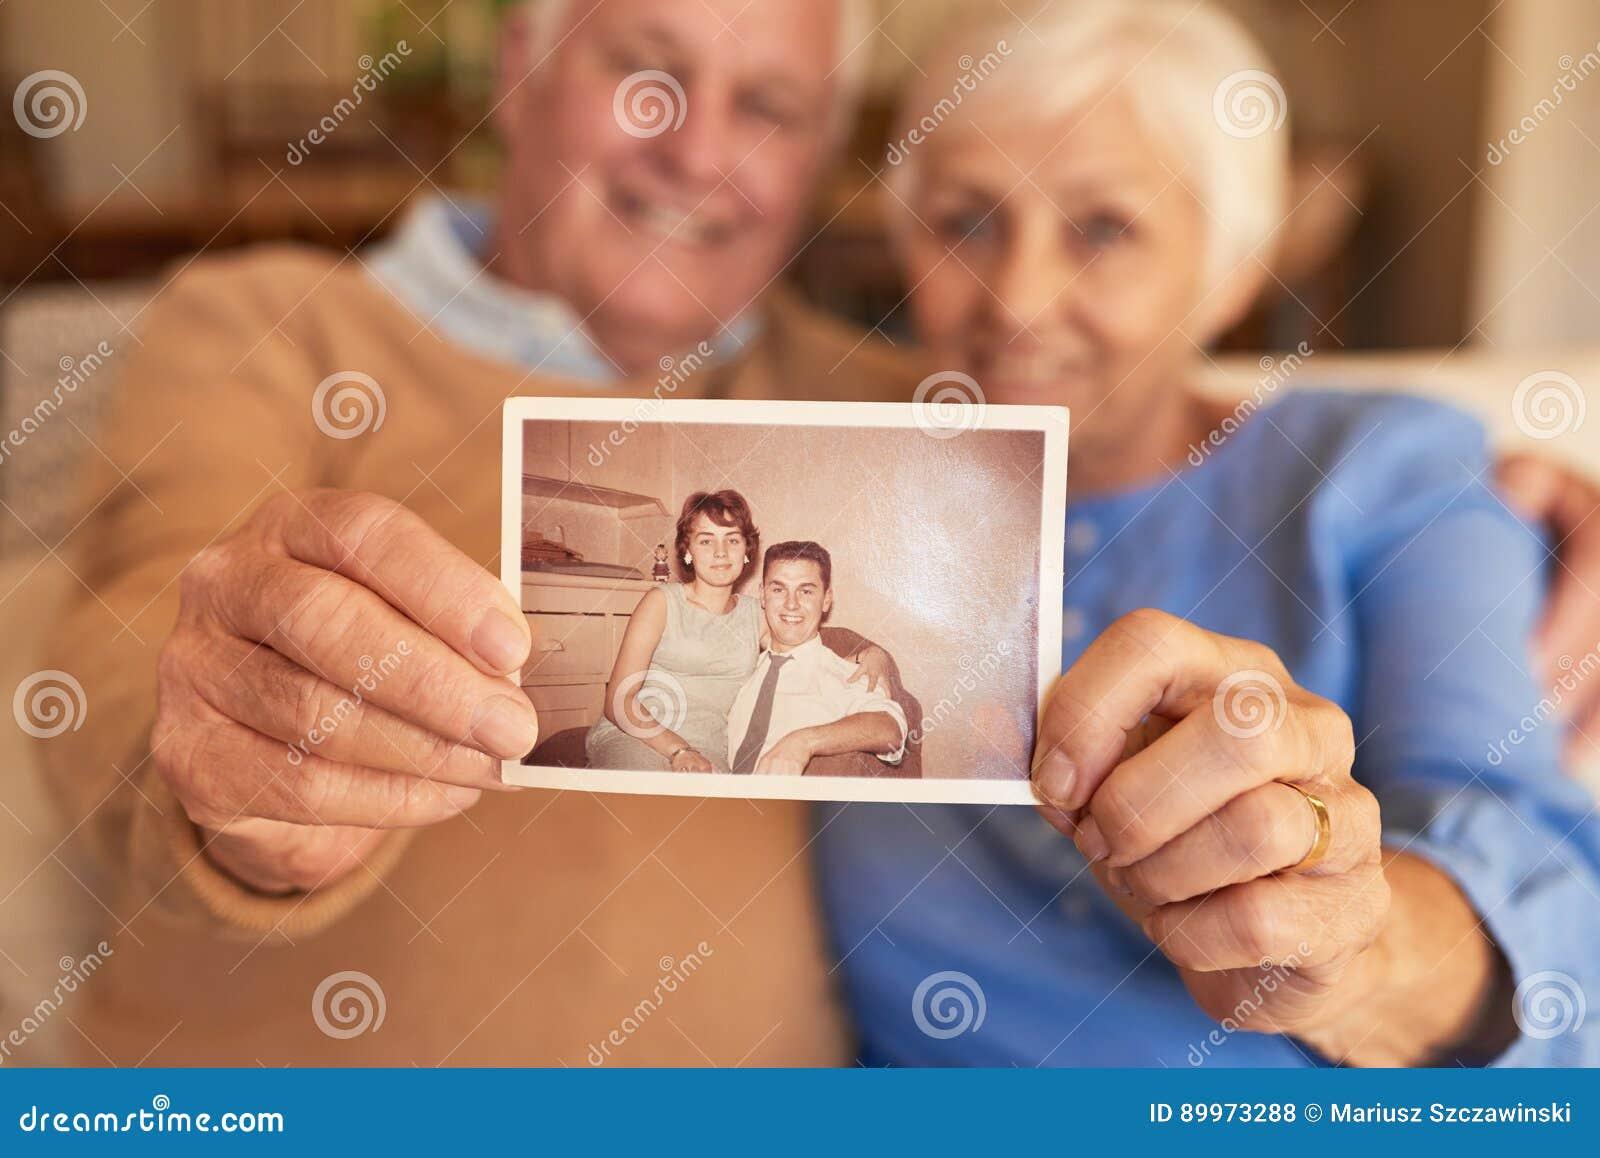 Χέρια του ανώτερου ζεύγους που κρατά τη νεανική φωτογραφία τους στο σπίτι